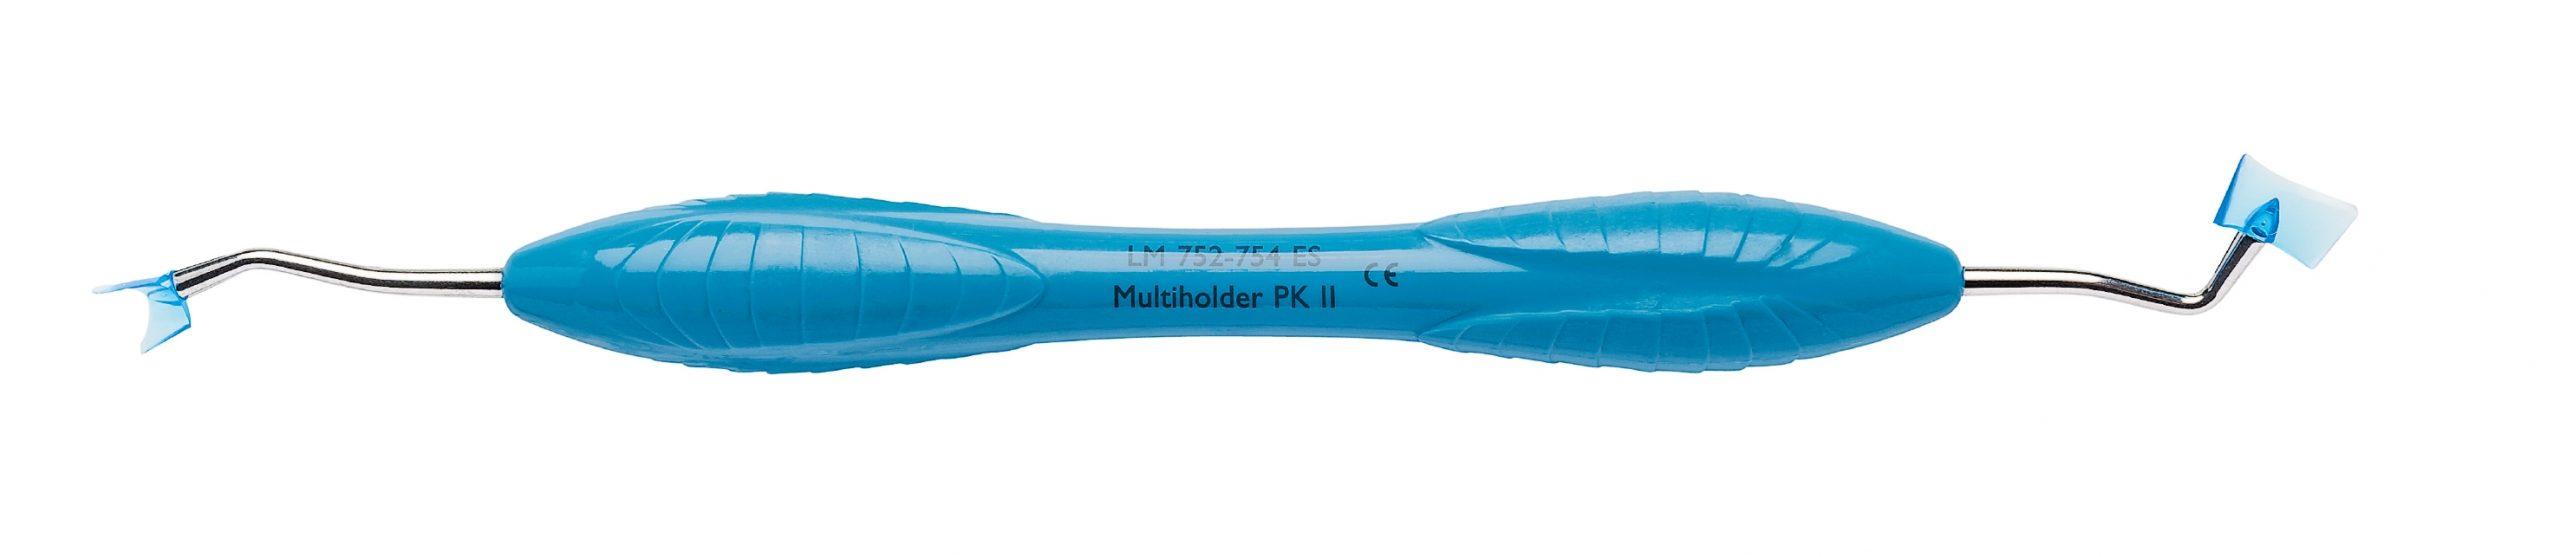 Multiholder PK II LM 752-754 ES-1